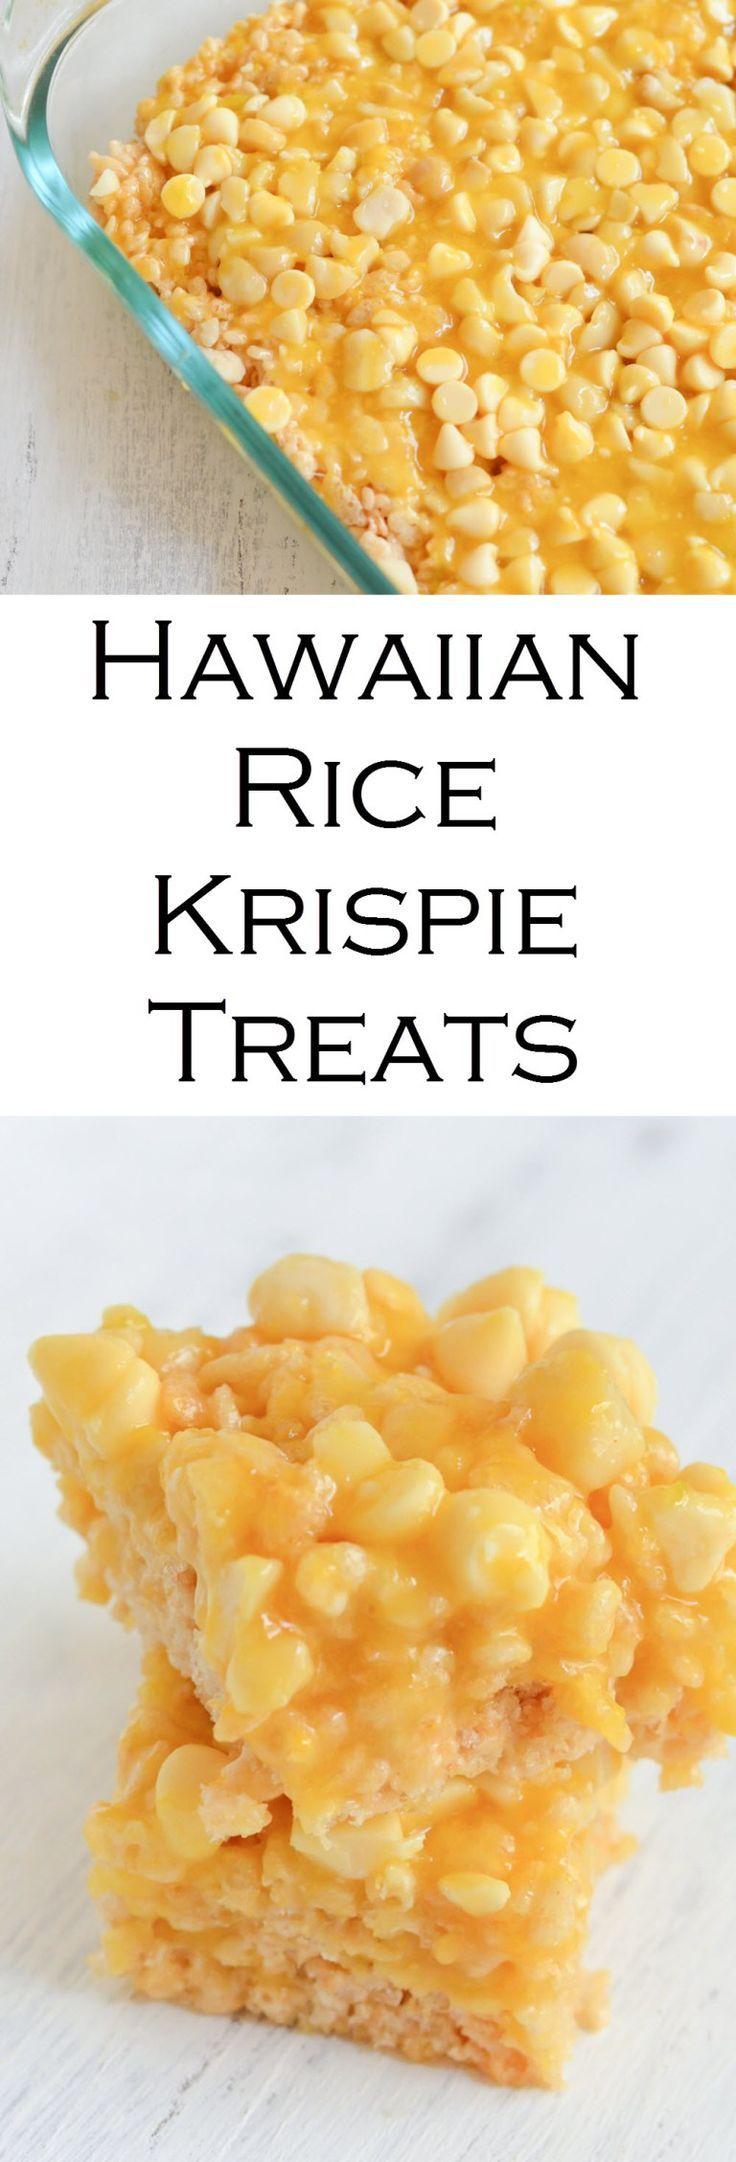 Hawaiian rice krispie treats